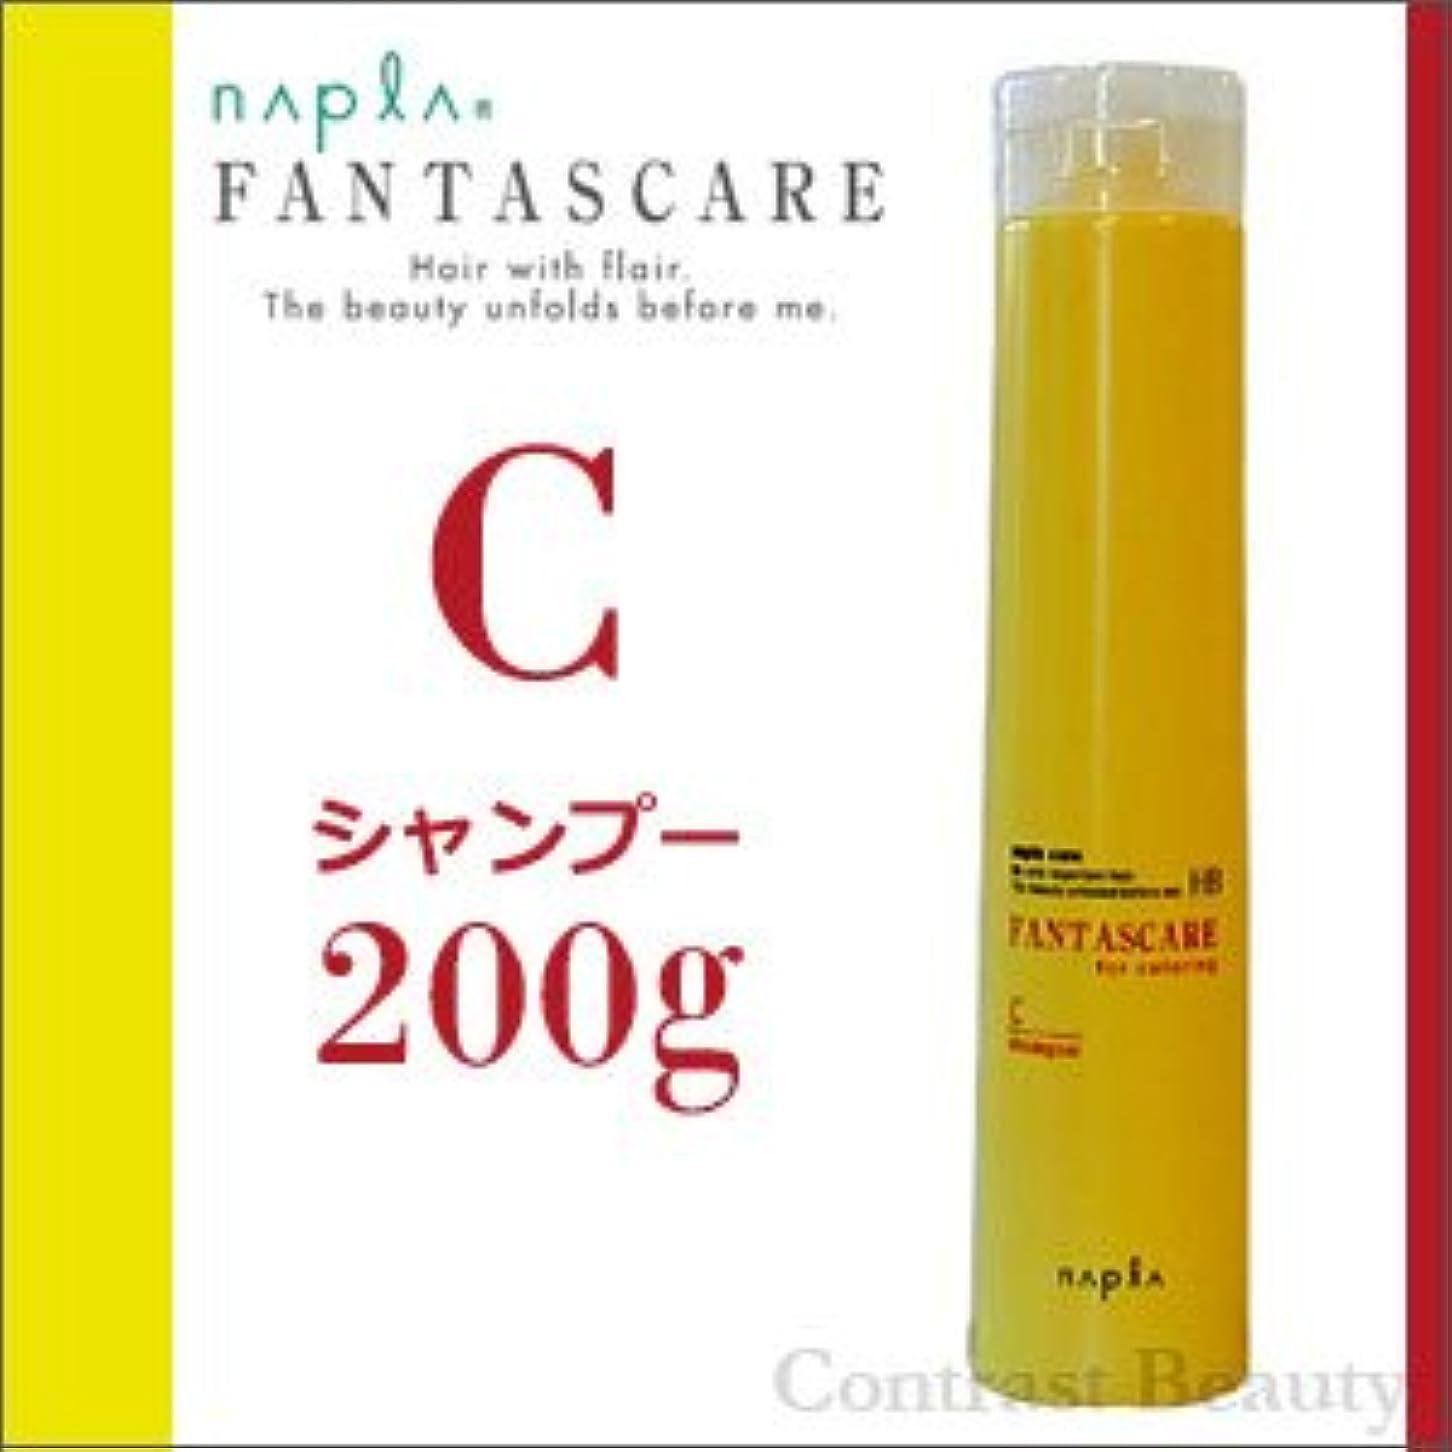 プレビスサイト憂鬱使用法【X5個セット】 ナプラ ファンタスケア Cシャンプー 200g napla